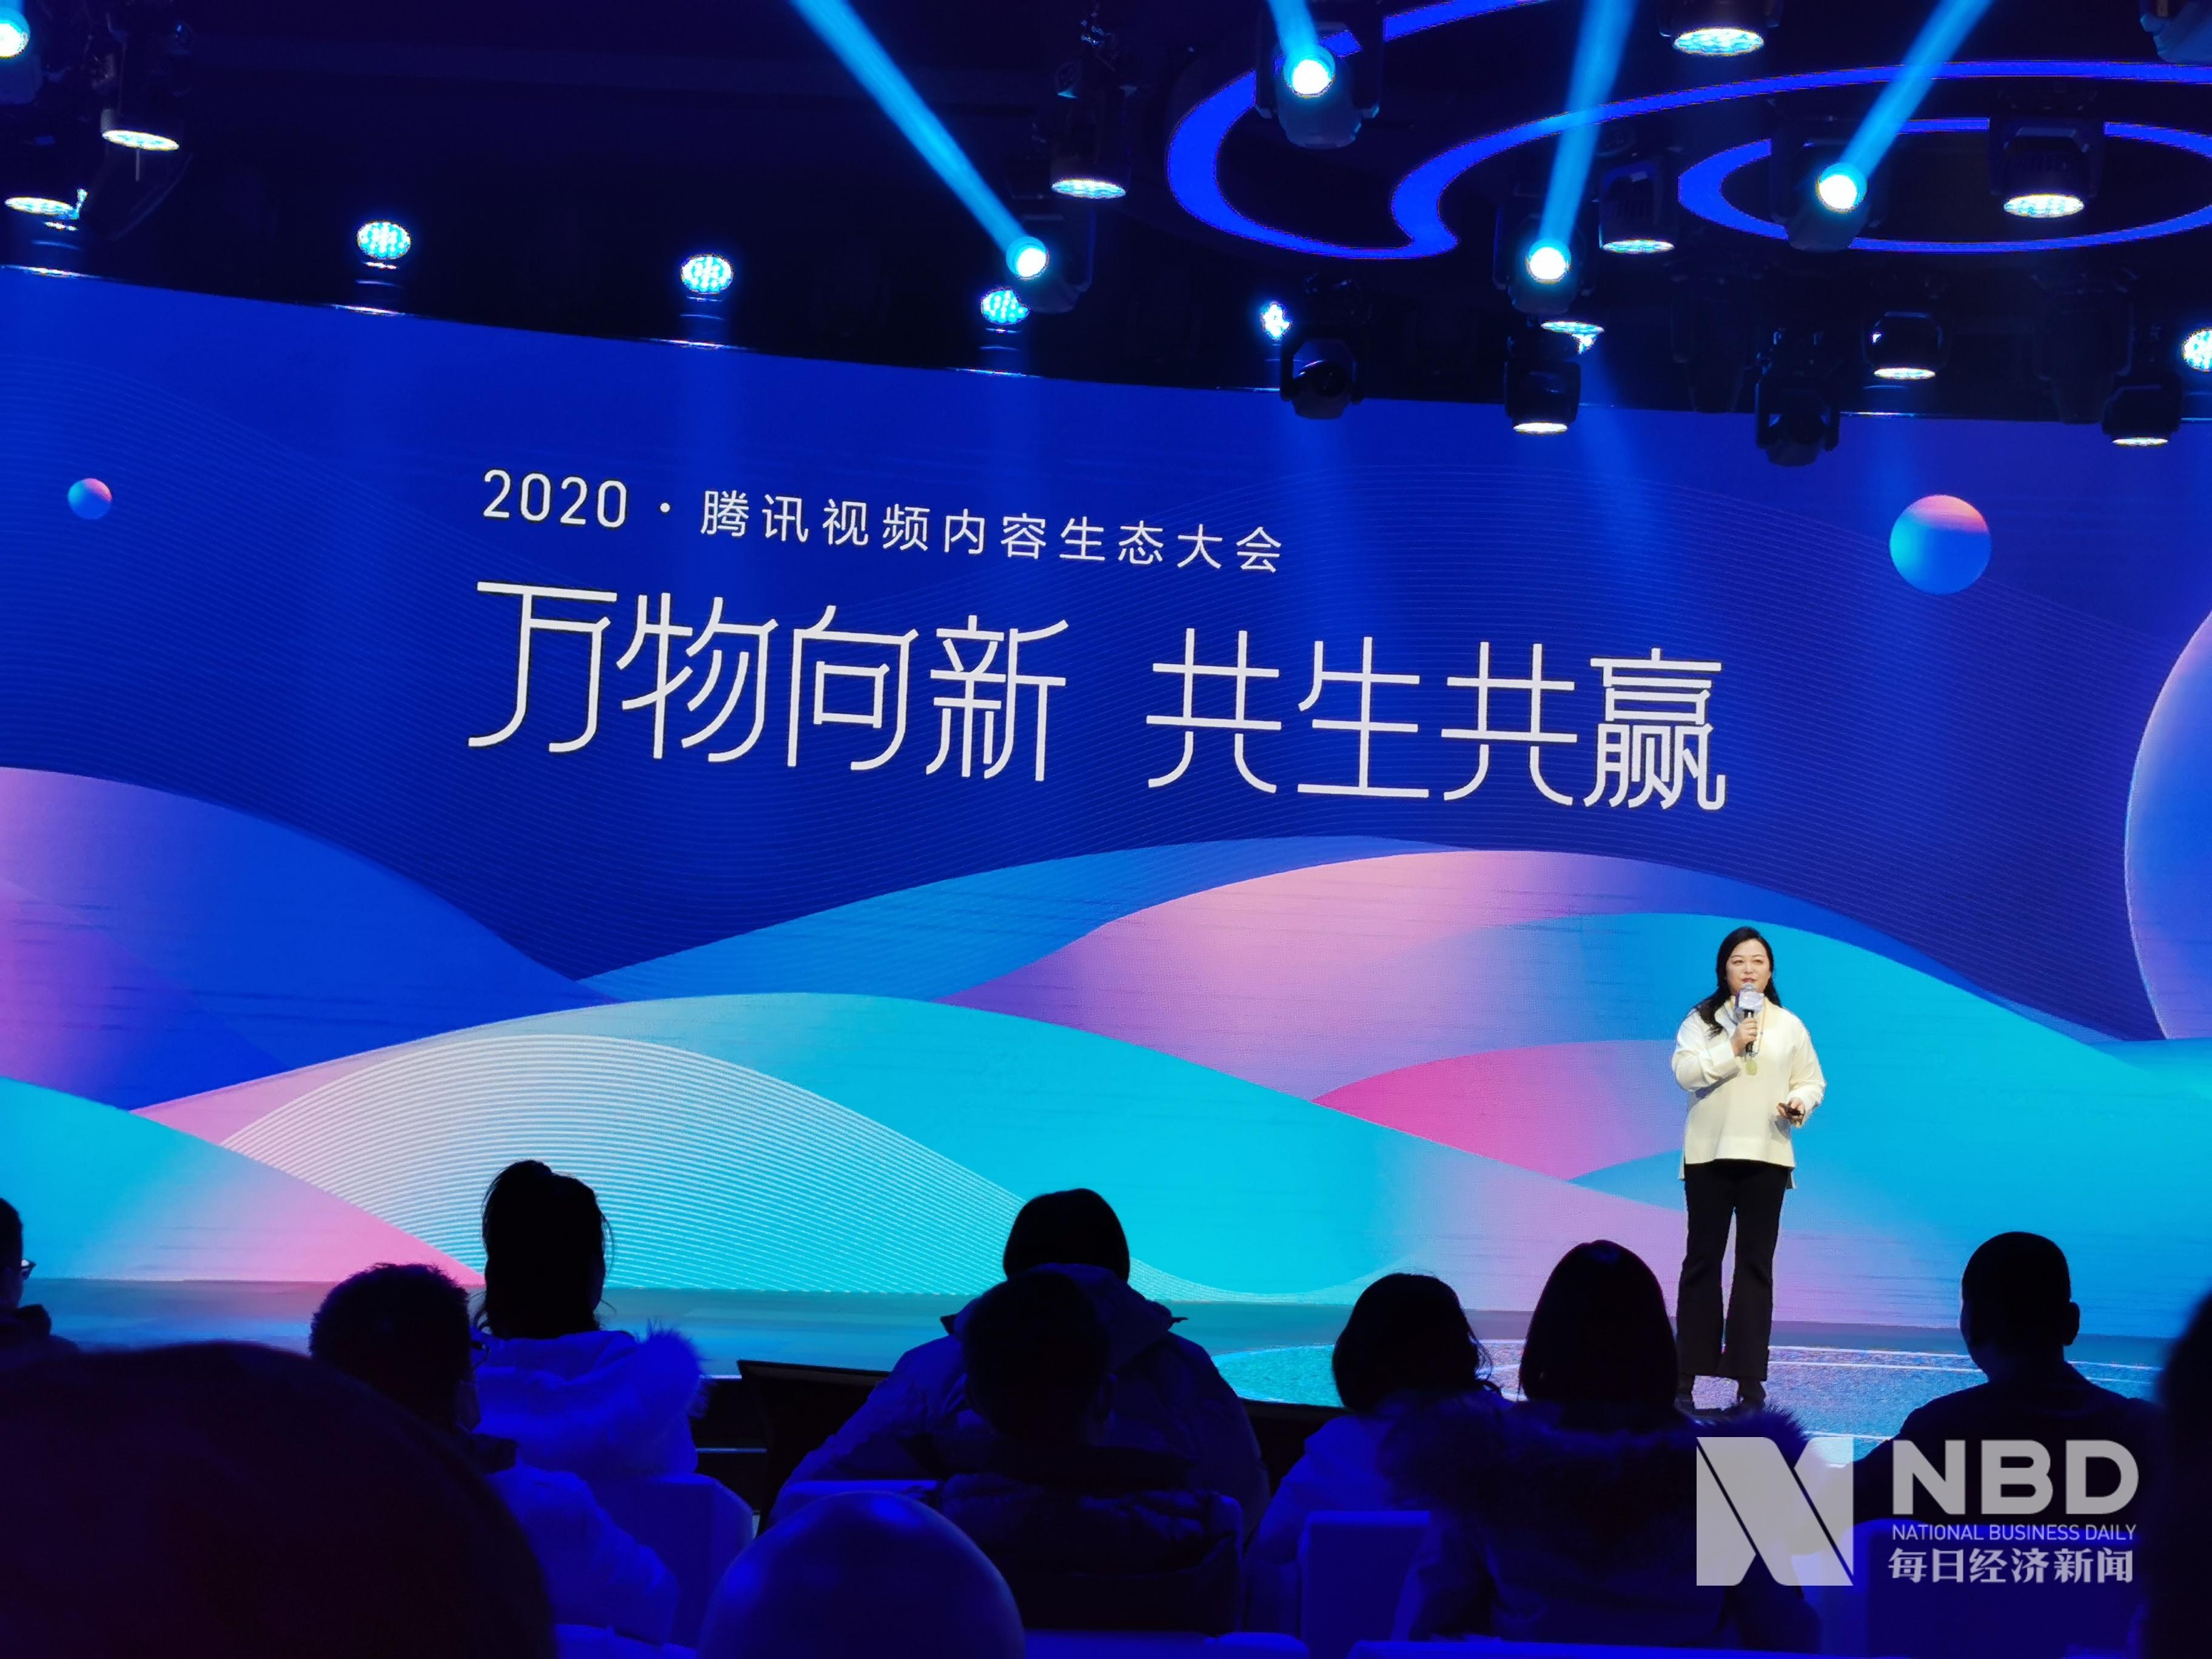 2020腾讯视频TOP10累计分账超2.7亿元